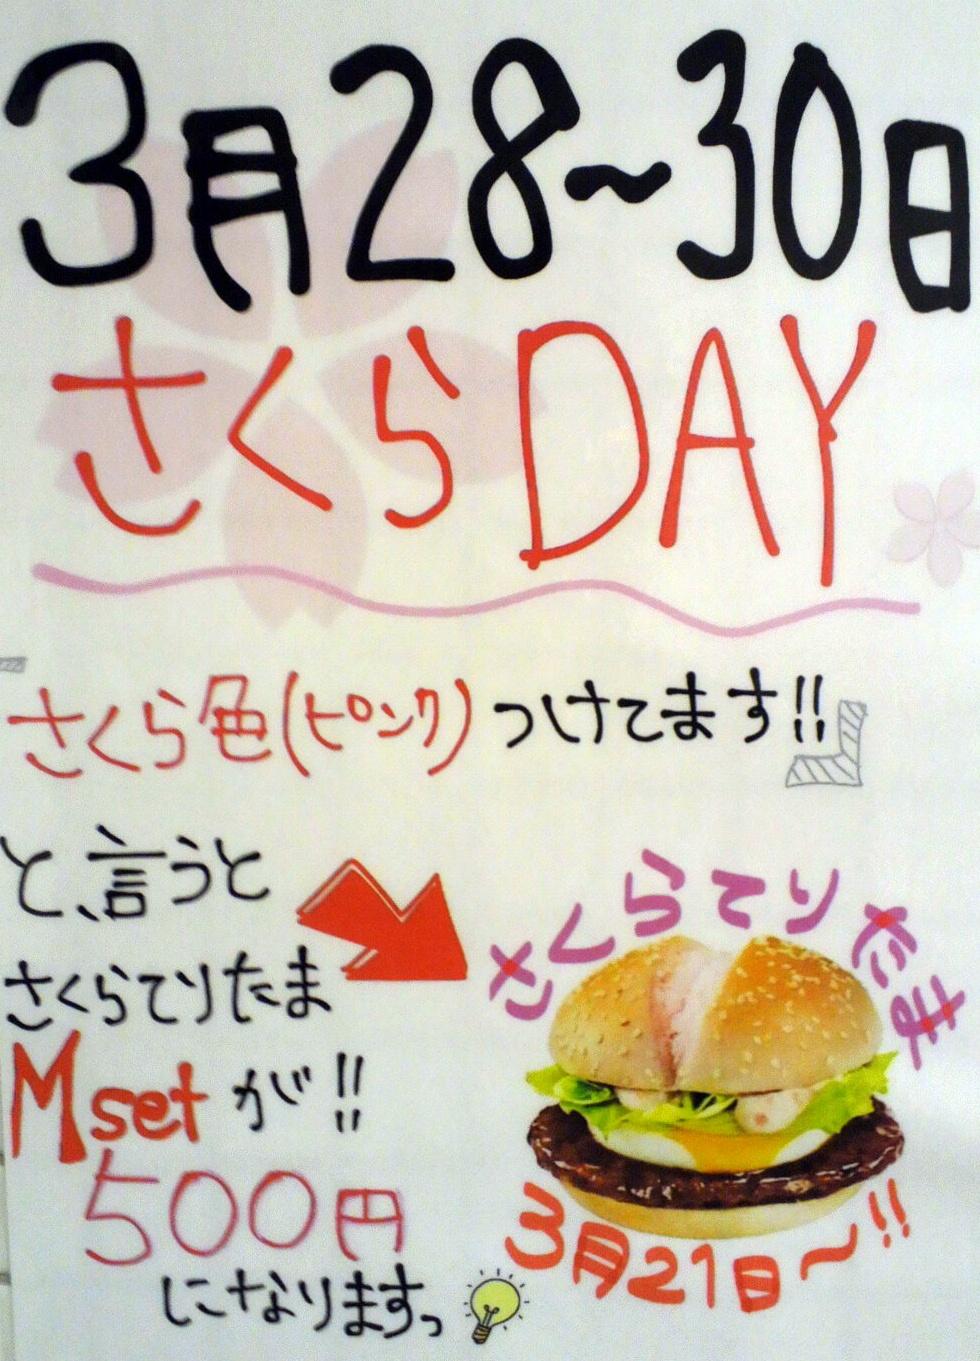 マクドナルドさくらDAY-2